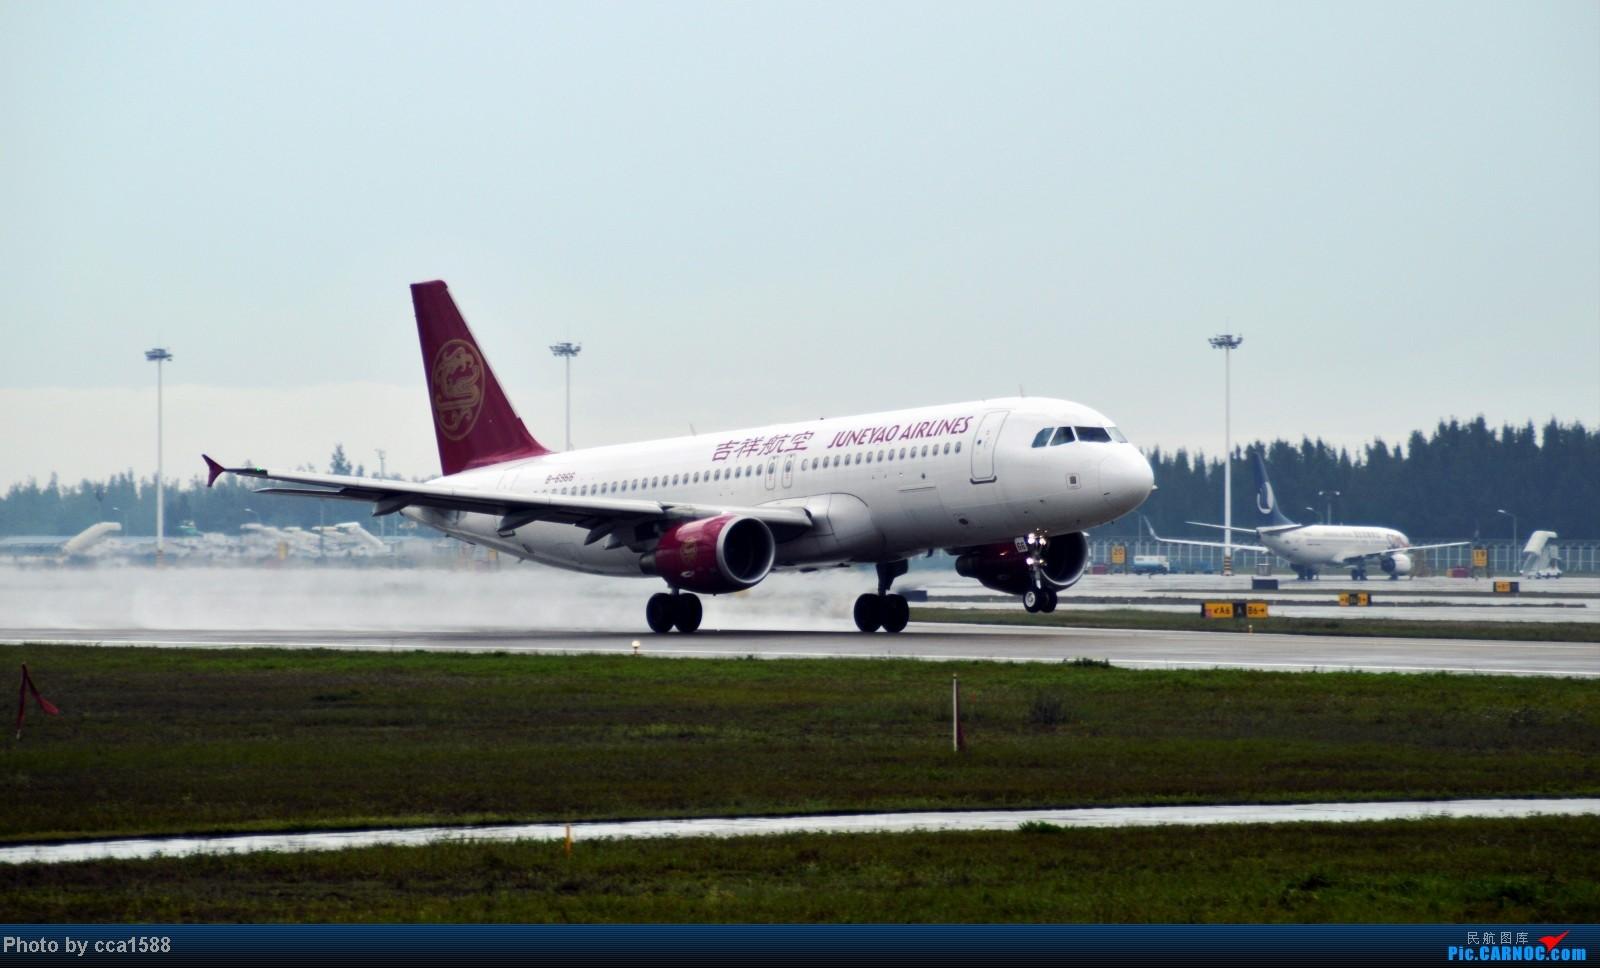 Re:[原创]4.26FOC拍机--烂天出好机,各种奇葩货~~ AIRBUS A320-200 B-6966 中国福州长乐机场